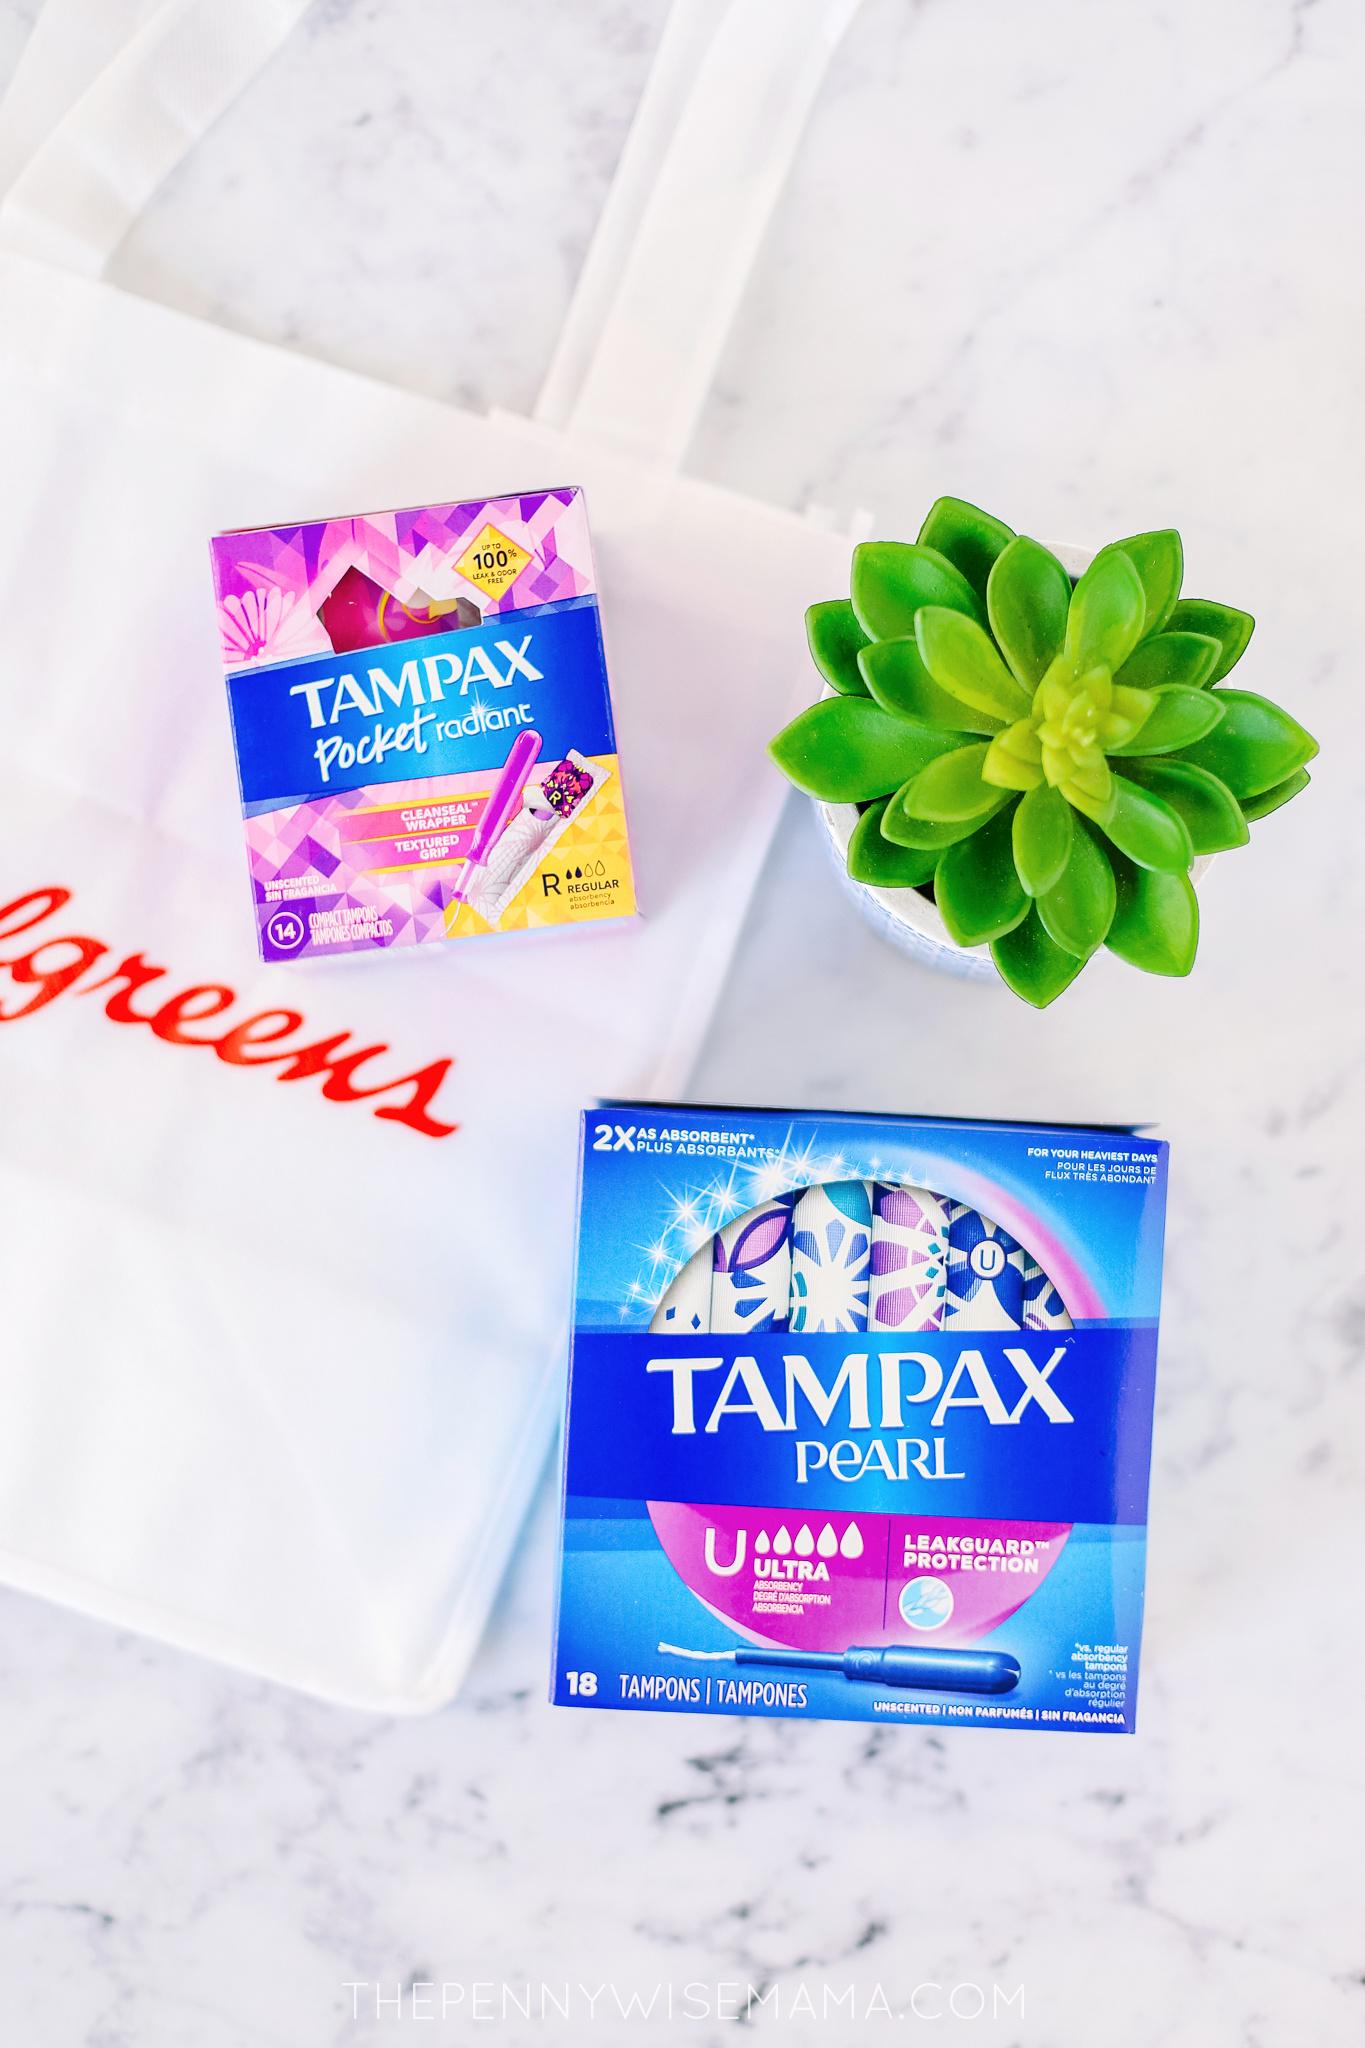 2/$5 Tampax Deal at Walgreens